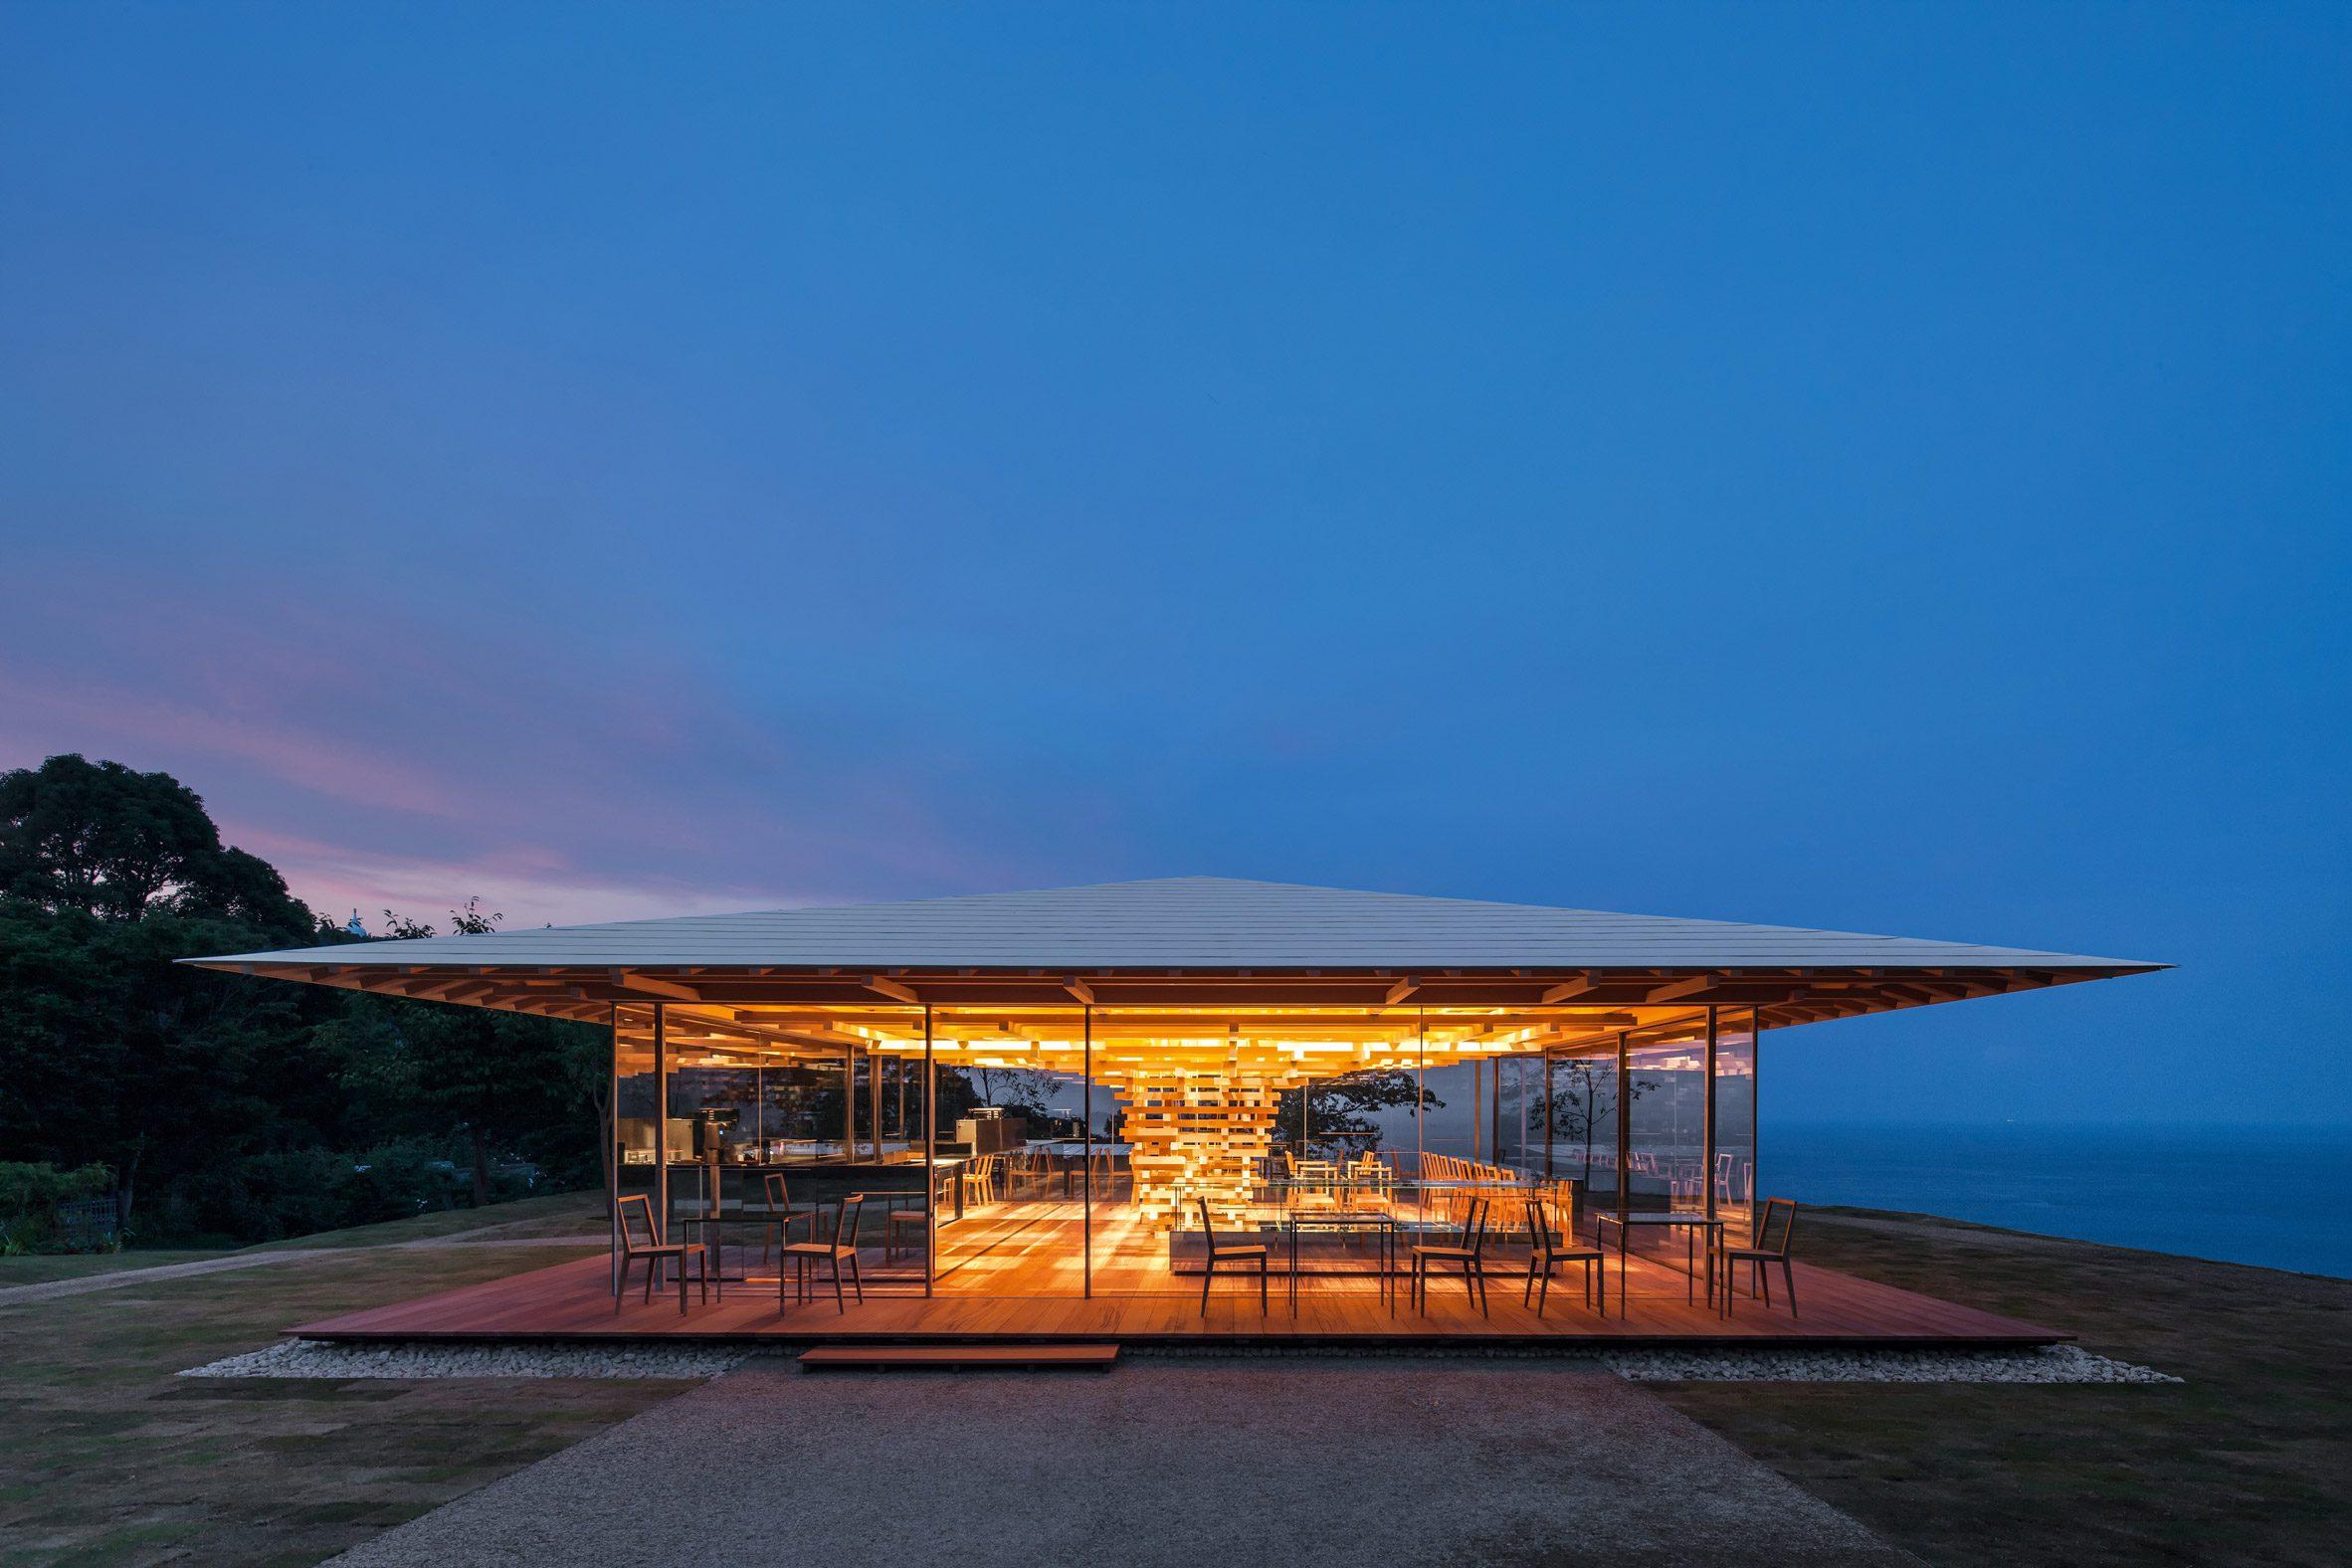 Coeda House by Kengo Kuma